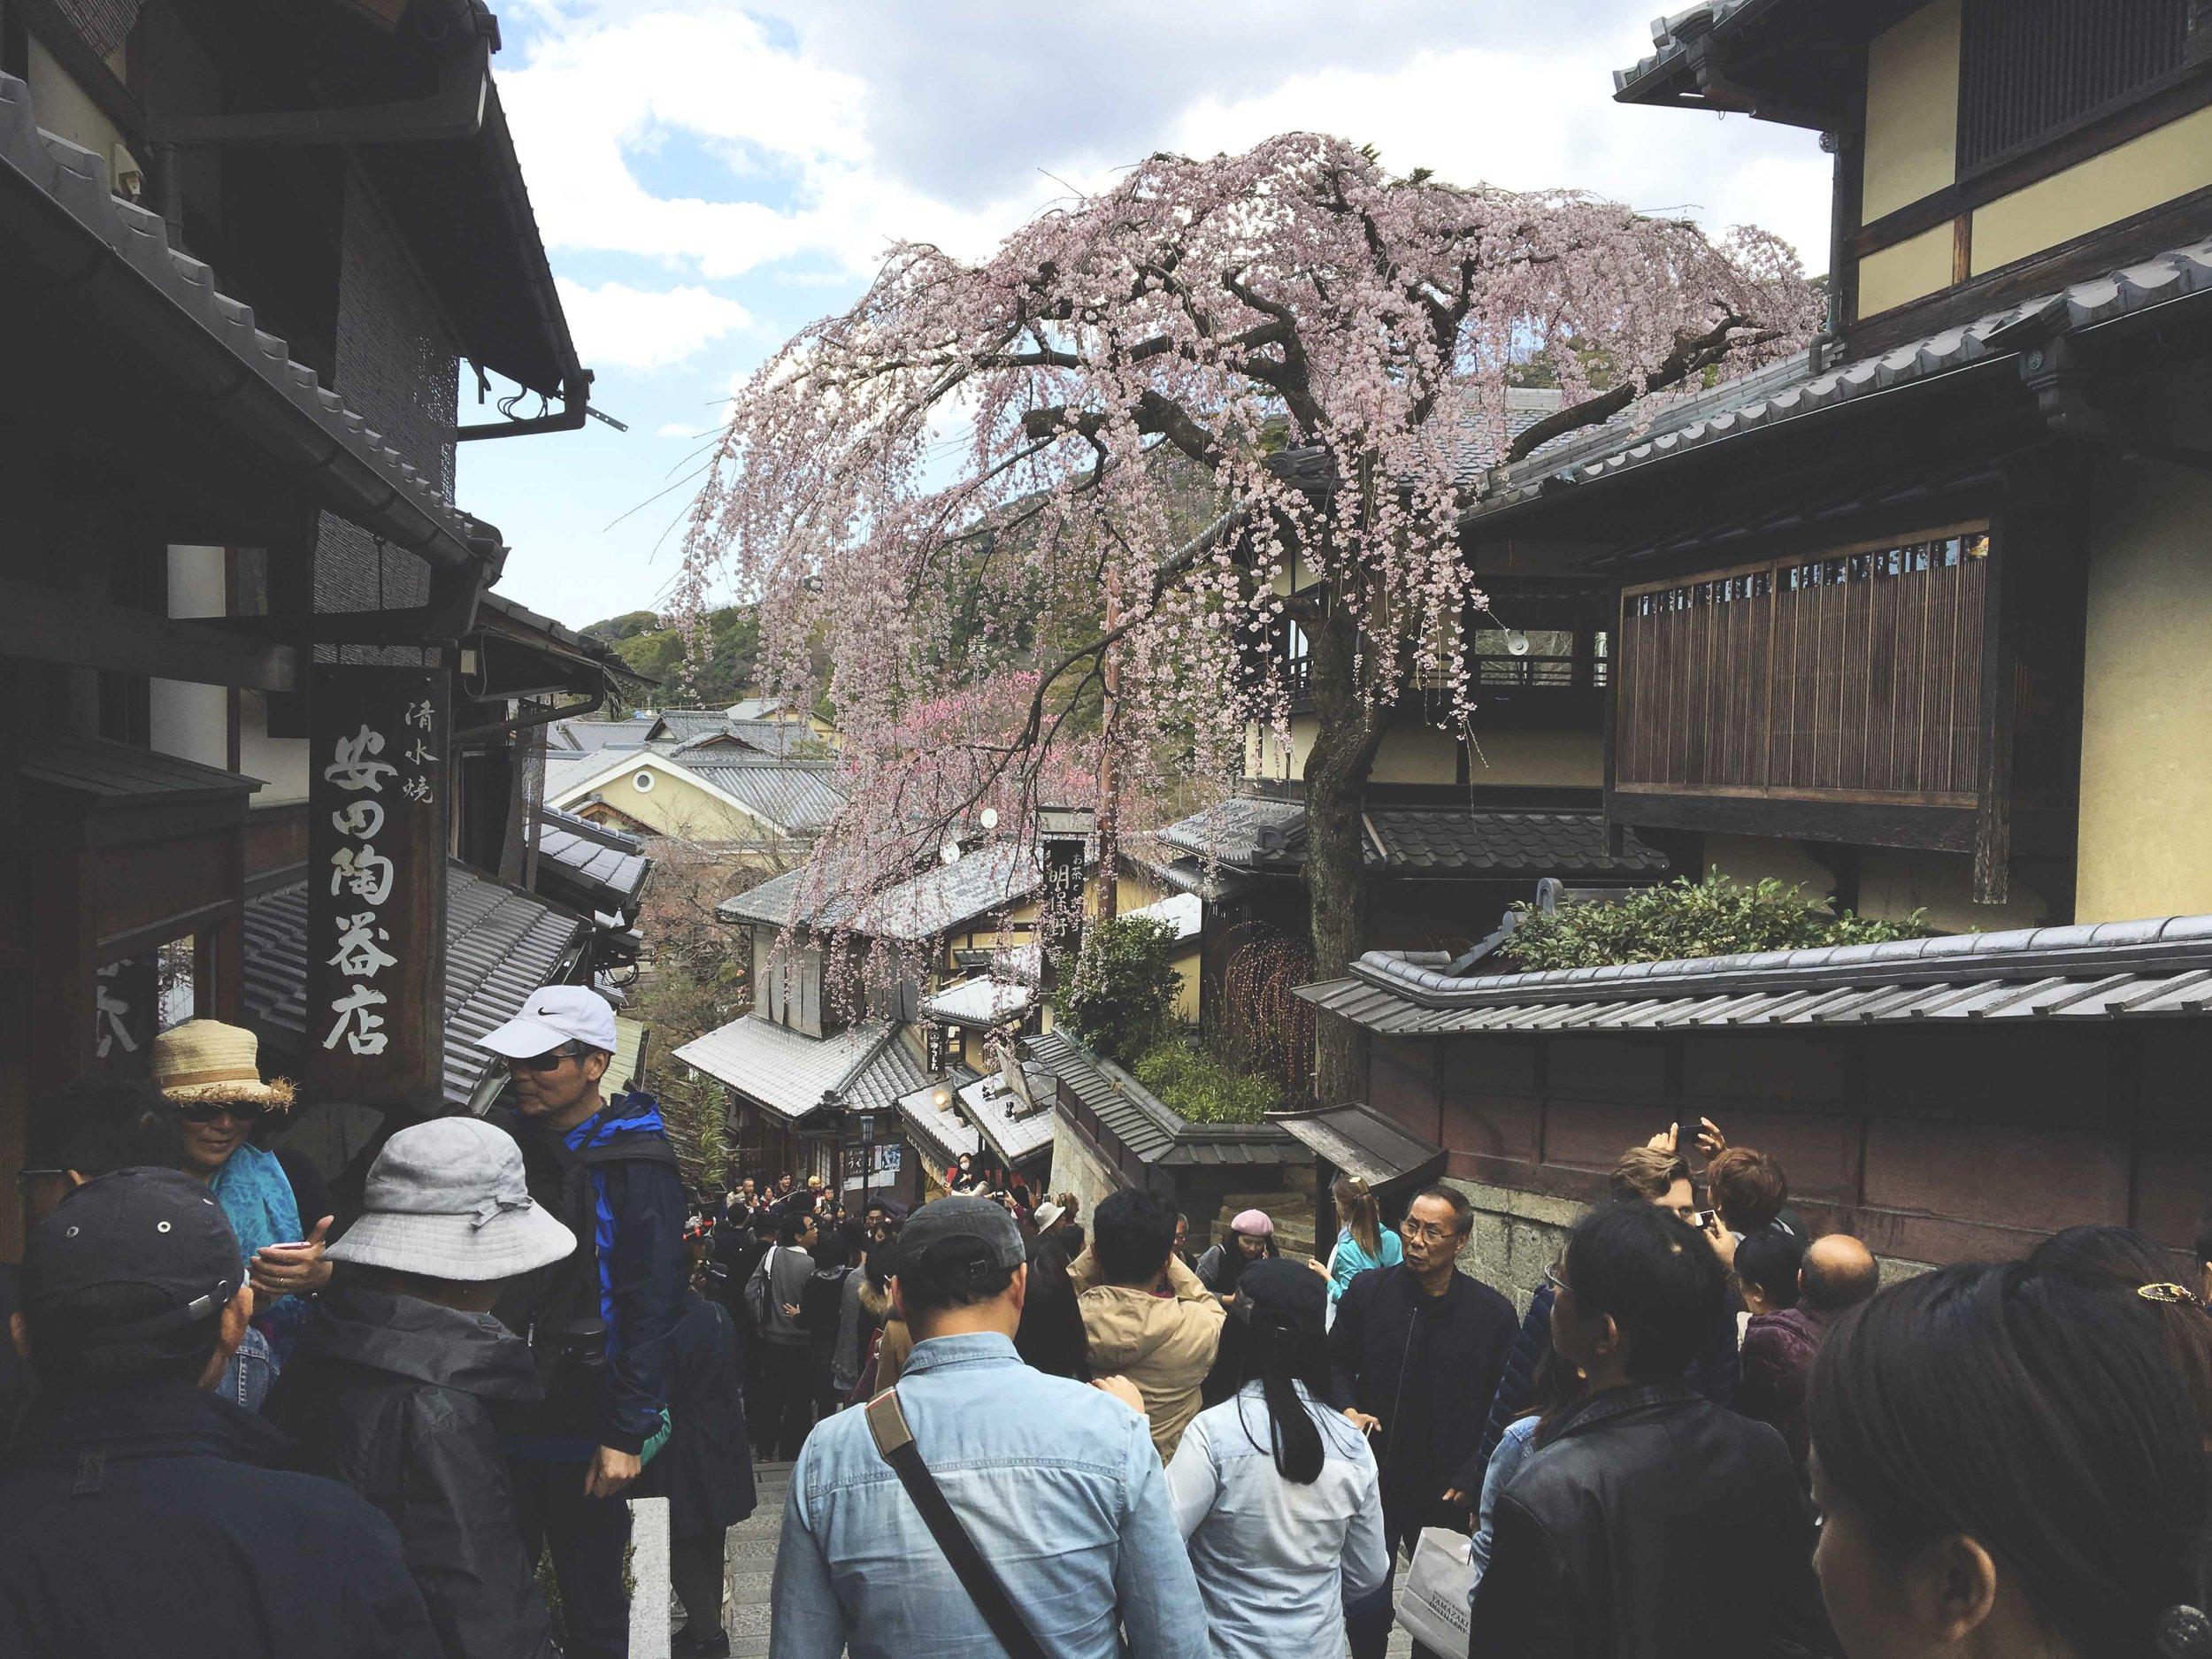 Rua cheia de comércios e pequenos restaurantes próxima ao templo Kiyomizu-Dera, um dos principais de Kyoto.